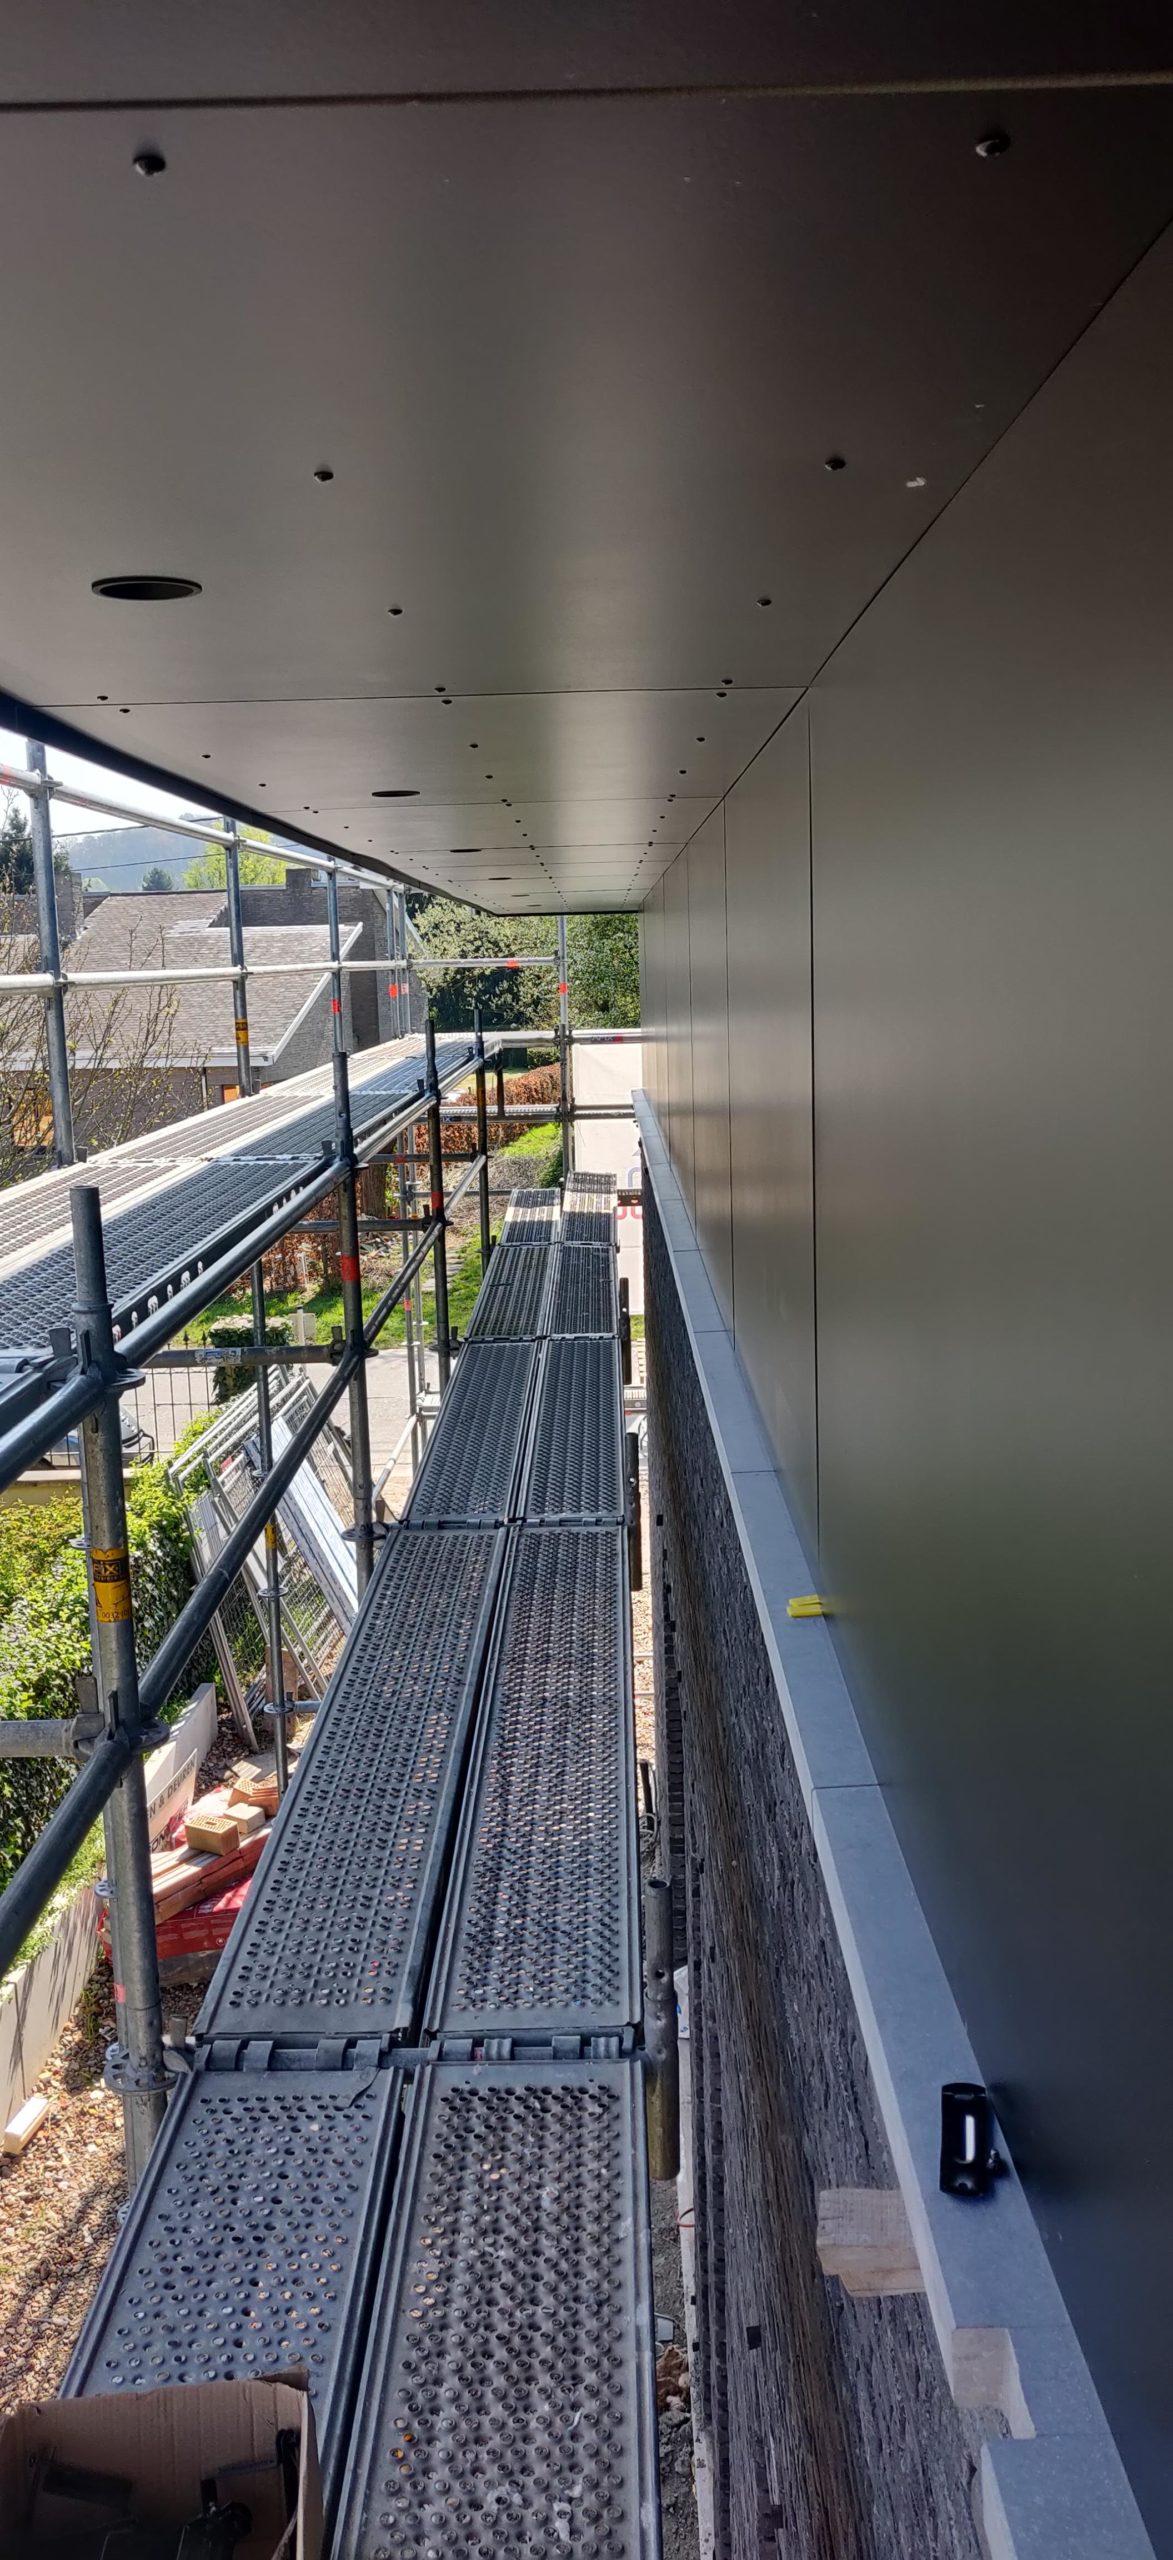 Nieuwbouw te Meerbeke gallery image 7